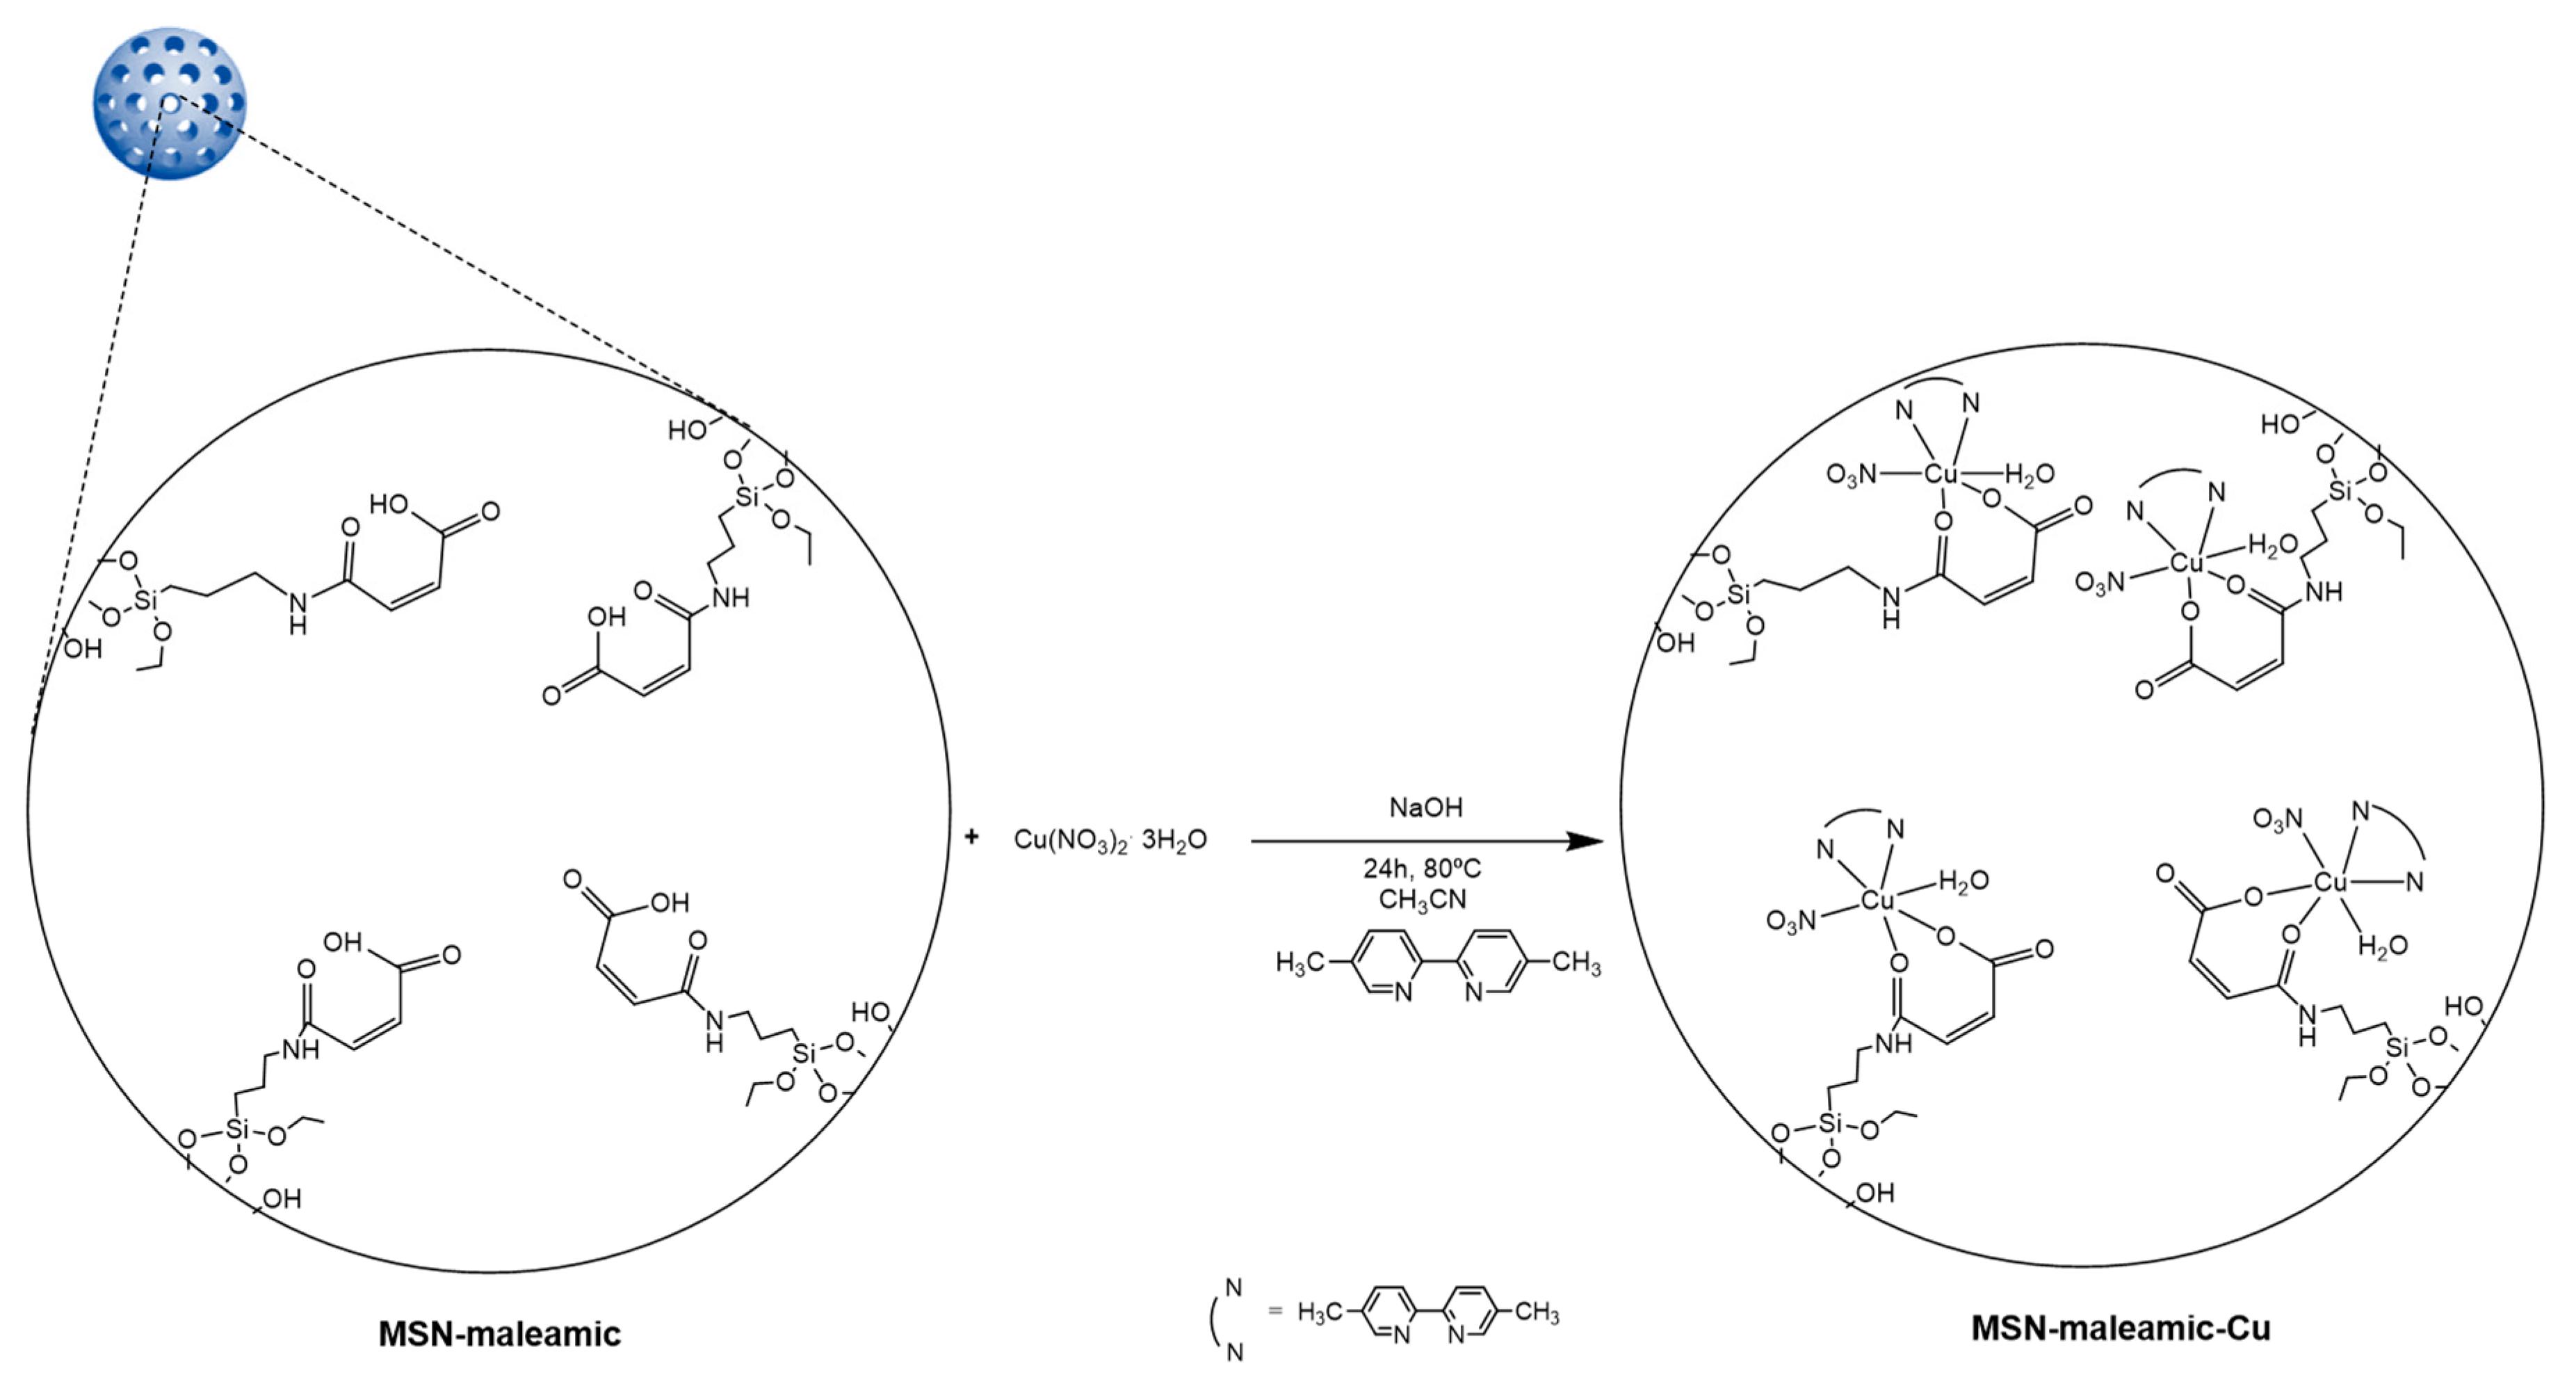 diagram of zirconium wiring diagram database Magnesium Lewis Diagram bohr diagram for oxygen wiring diagram database zirconium pix bohr diagram of sulfur nemetas aufgegabelt info